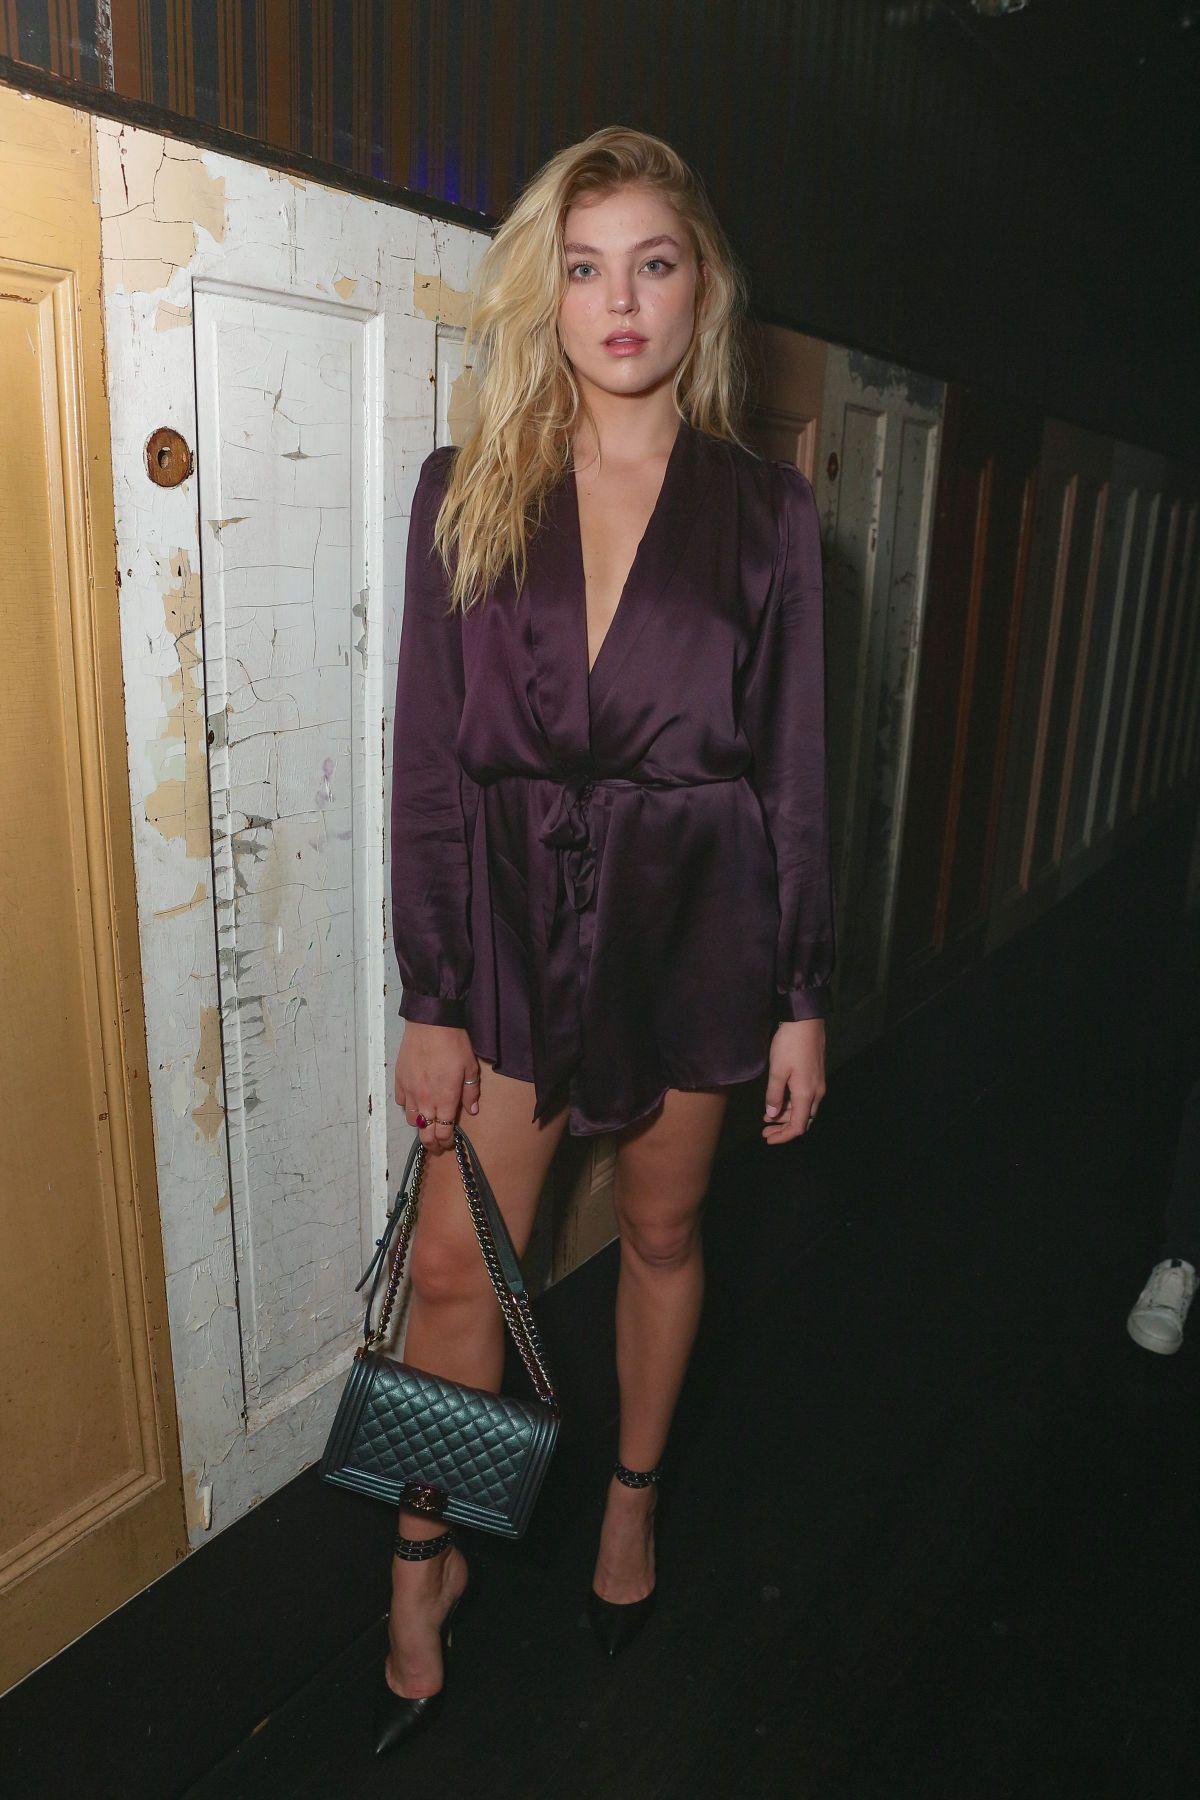 RACHEL HILBERT at V Magazine Celebrates V103: Face the Music September Issue in New York 09/05/2016